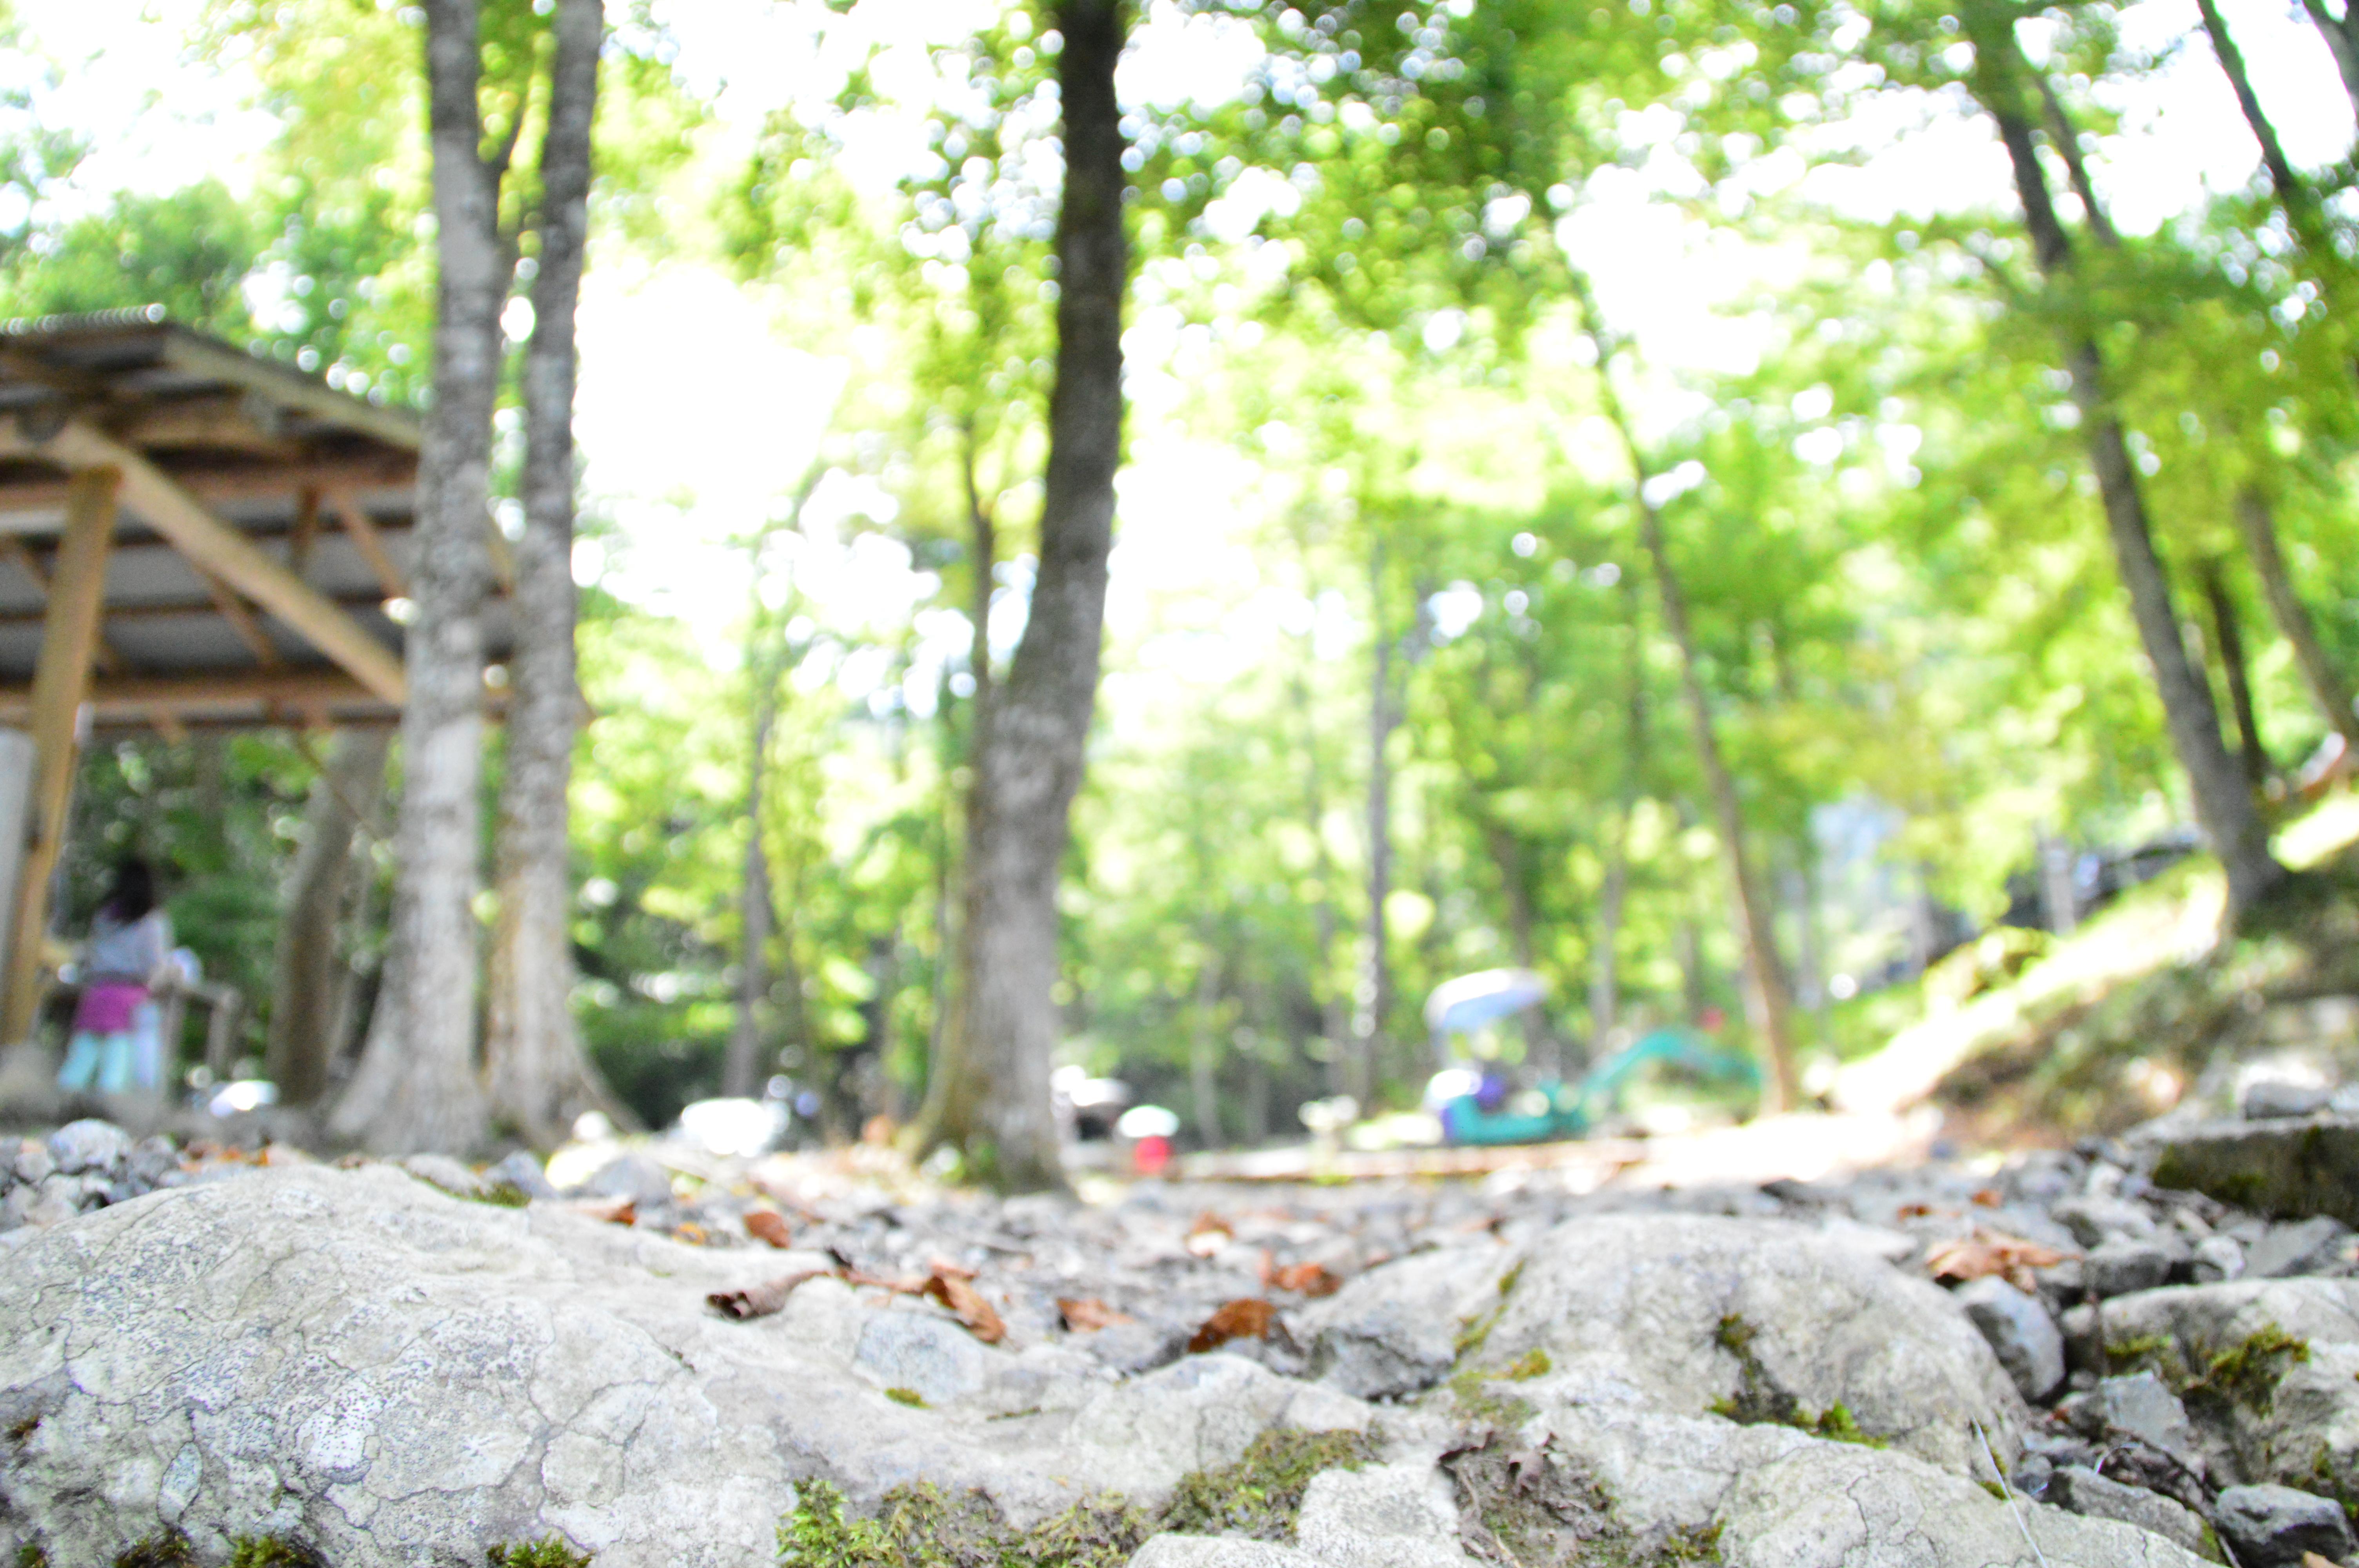 9月の山梨県道志村キャンプ場の気温と、キャンプ初心者が用意しておきたいグッズ